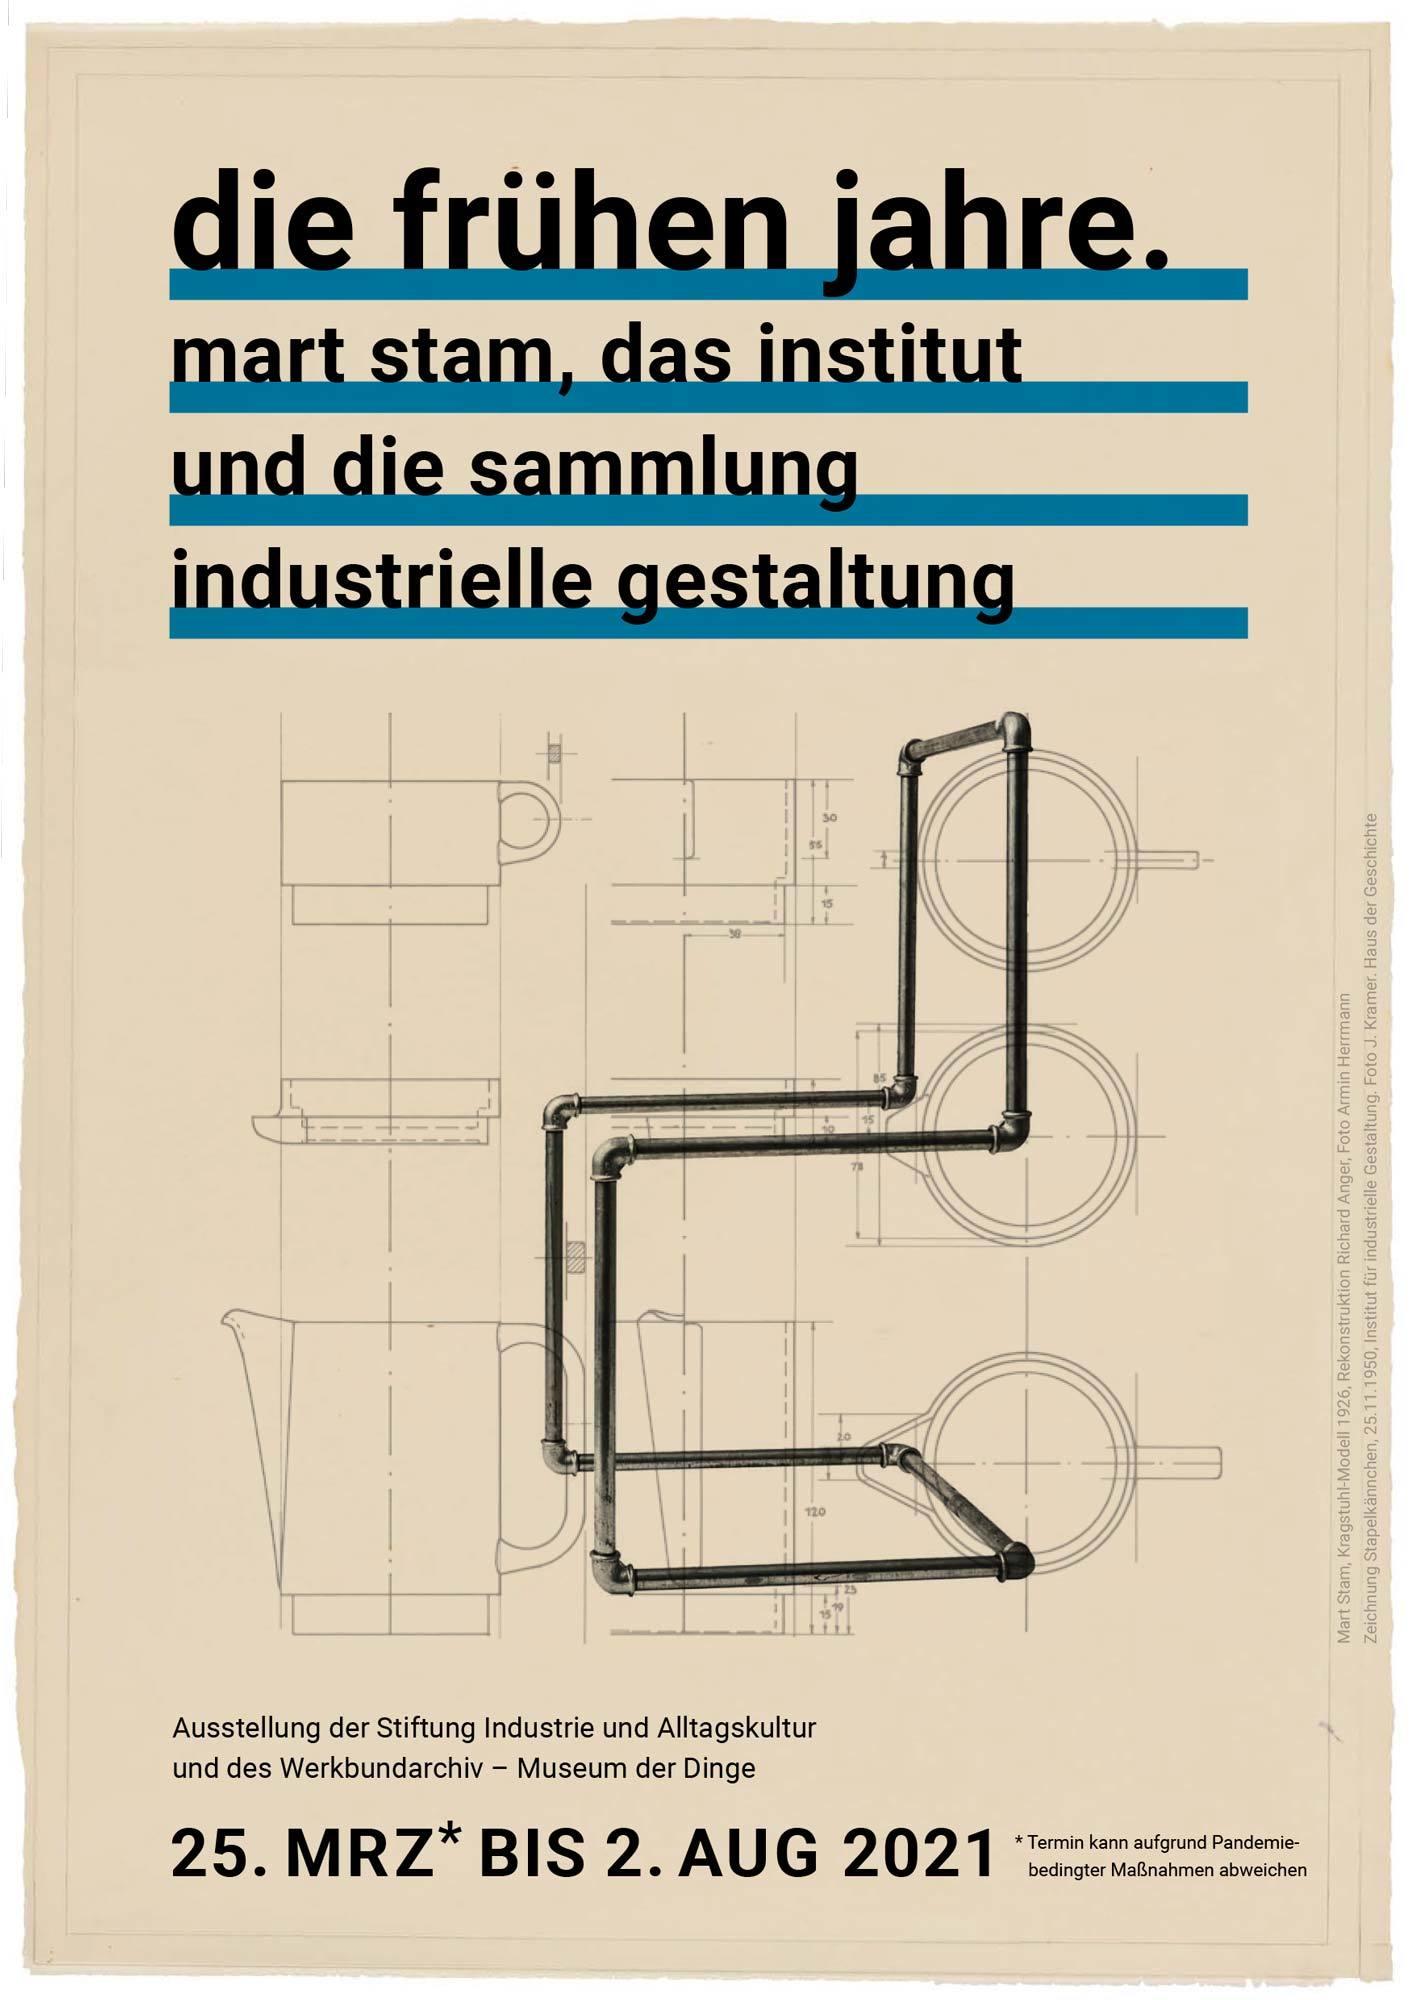 Flyer der Ausstellung die frühen jahre. mart stam, das institut und die sammlung für industrielle gestaltung